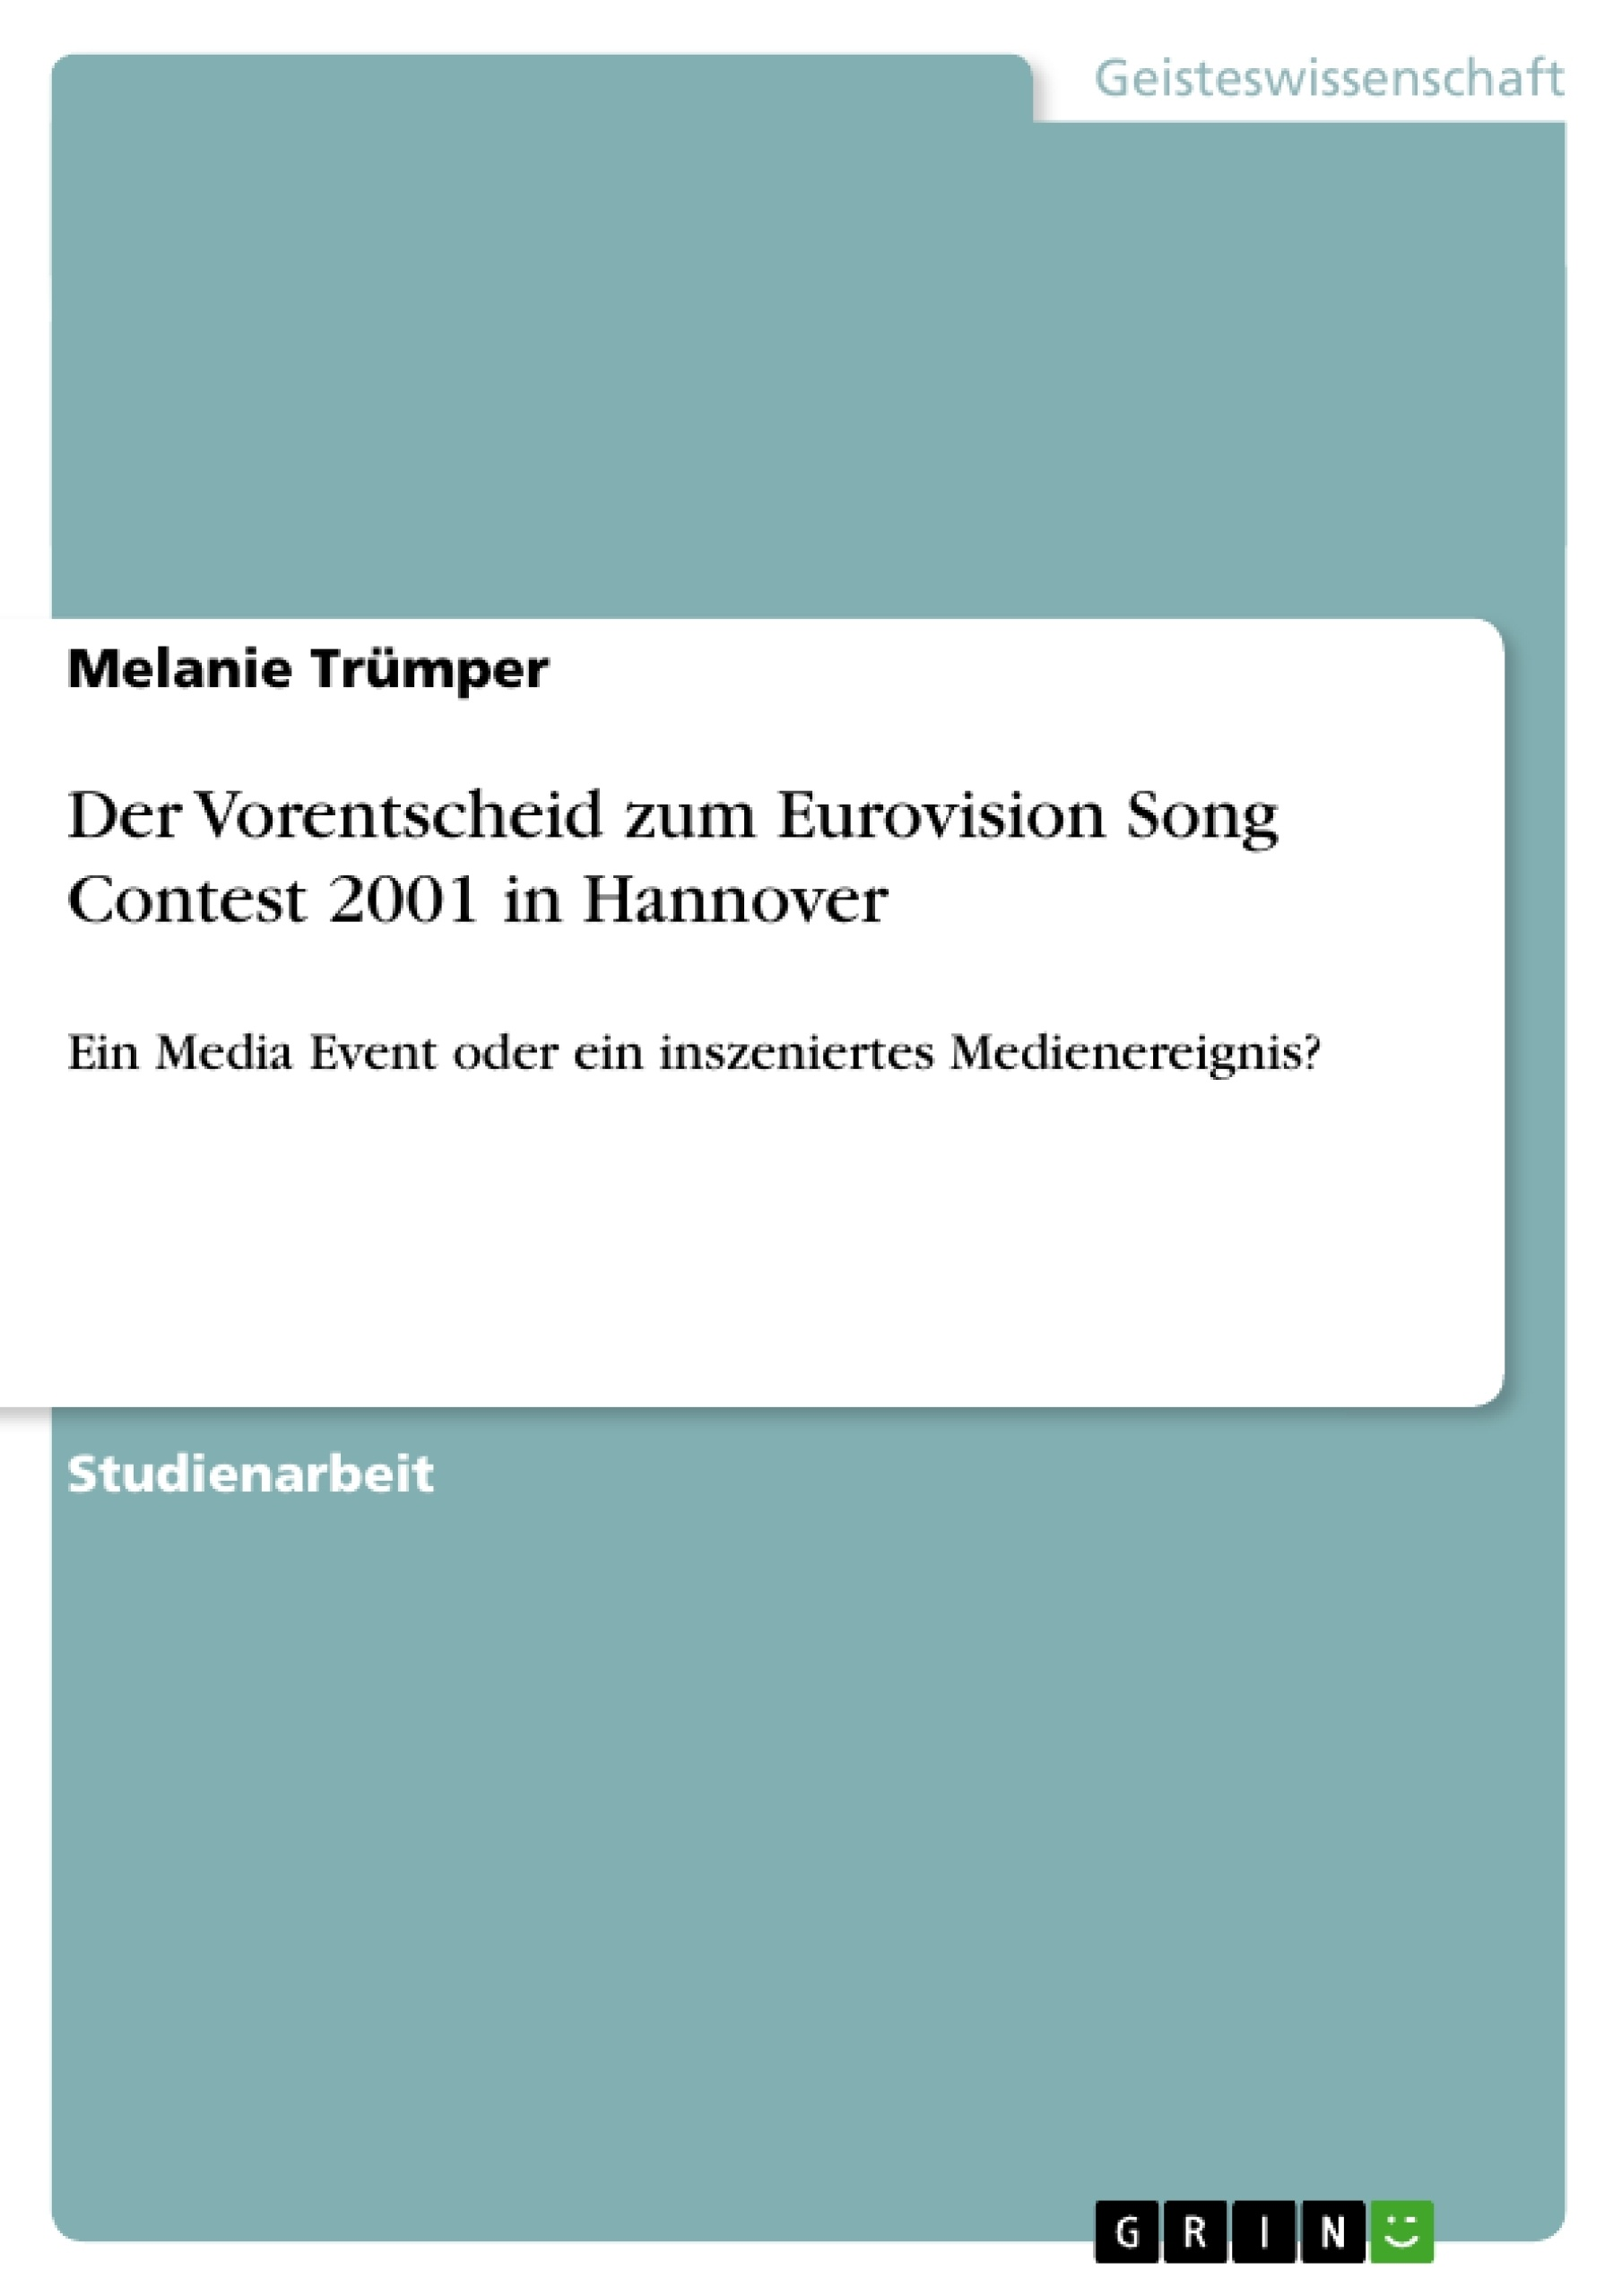 Titel: Der Vorentscheid zum Eurovision Song Contest 2001 in Hannover